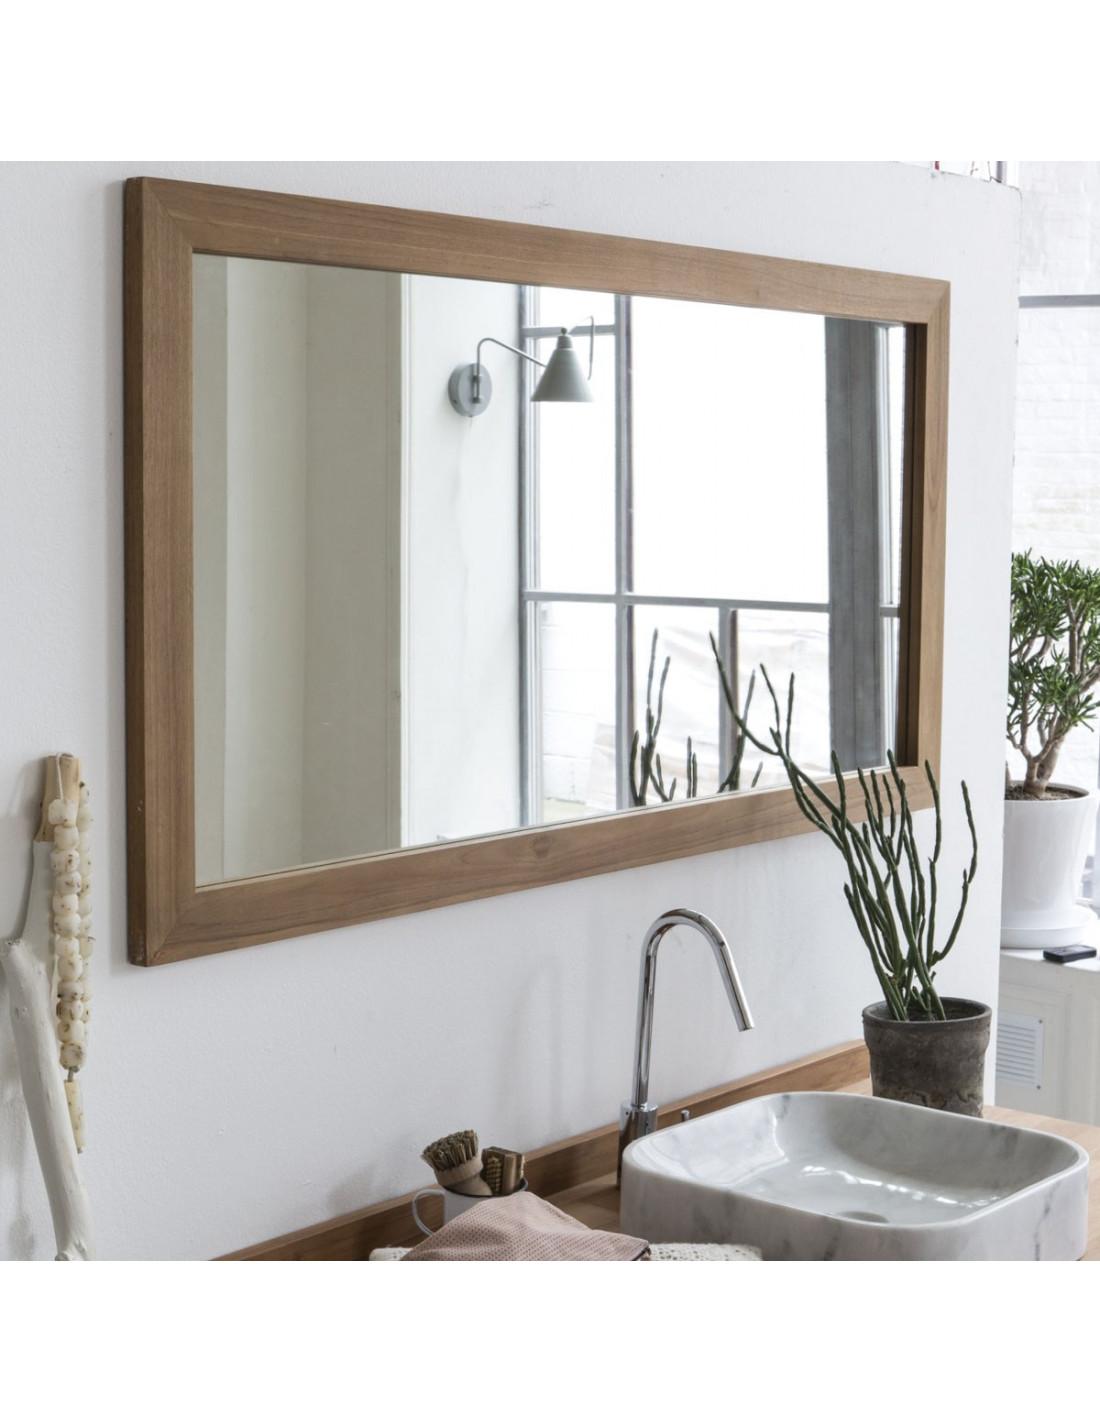 Pascal jr paillet miroir encadr en teck 140 x 70 cm for Miroir encadre